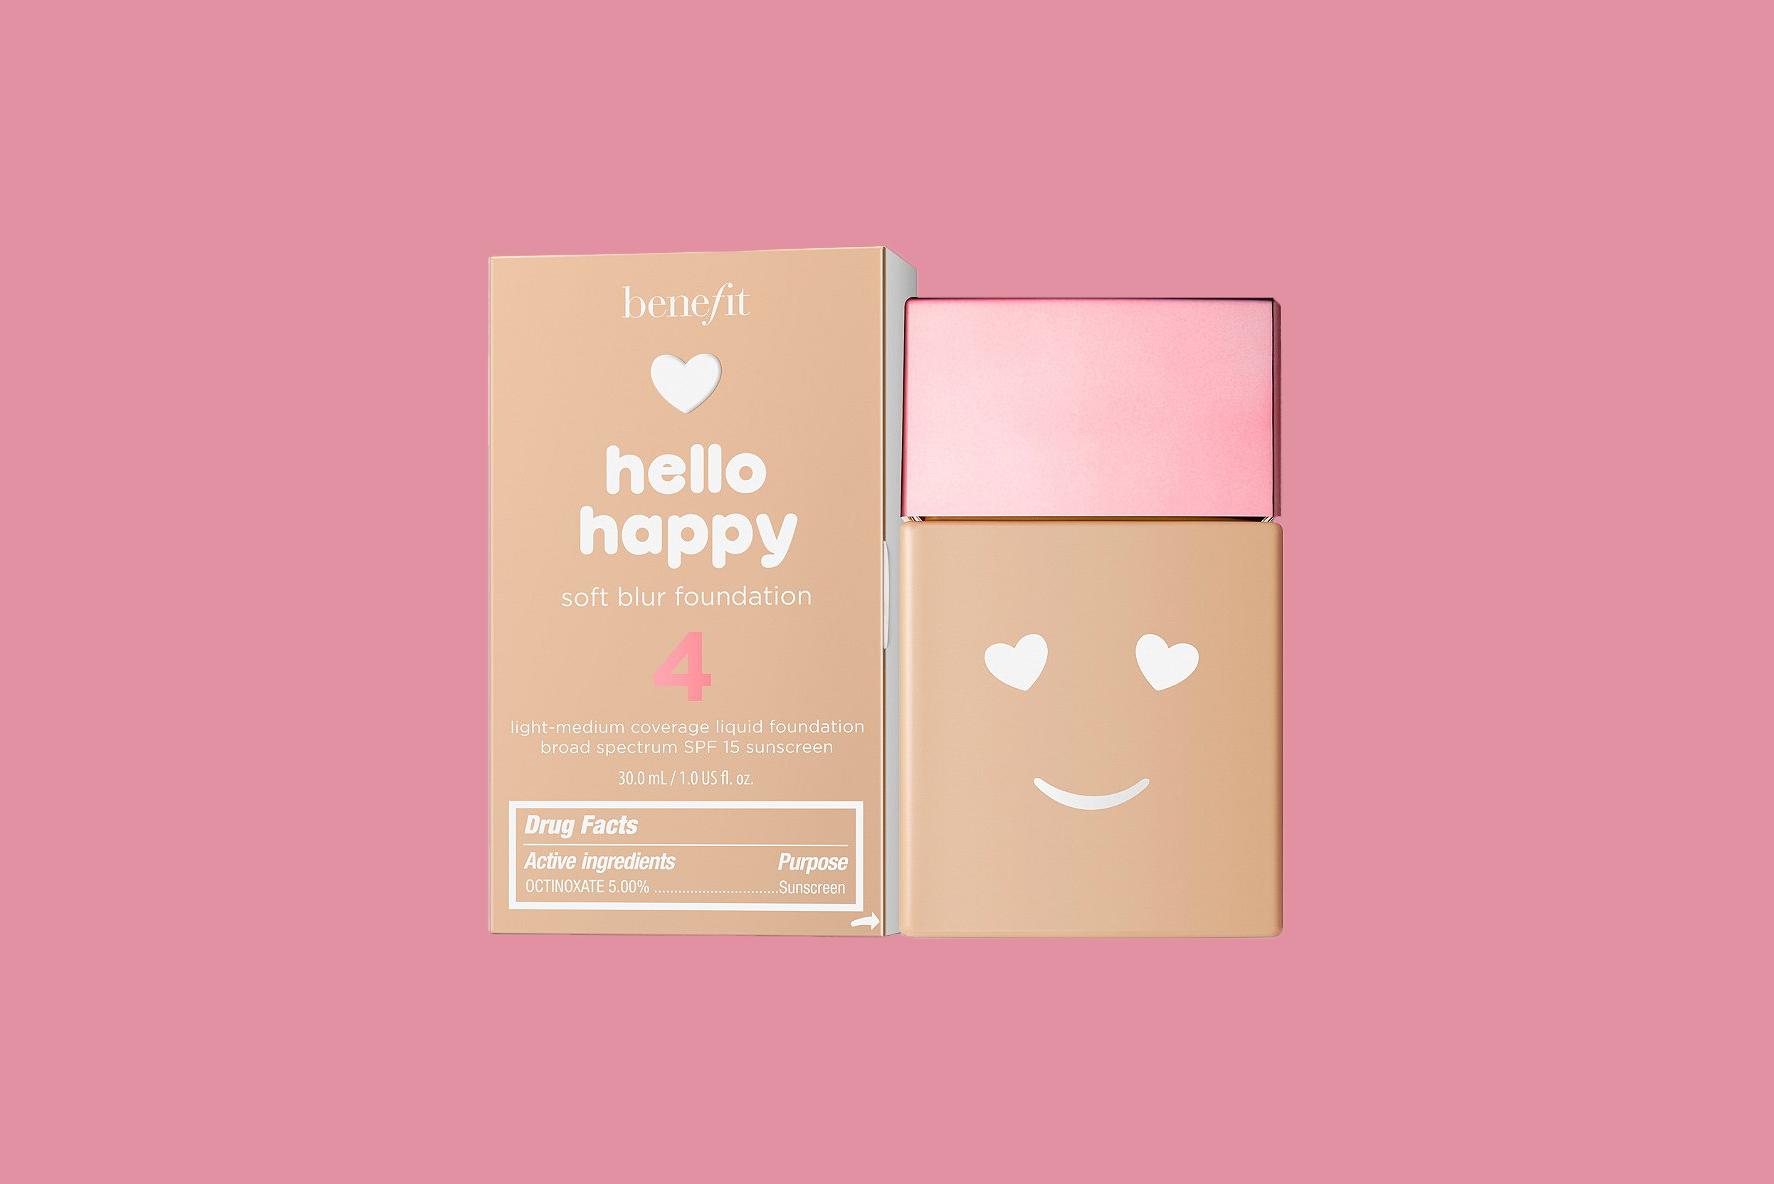 Benefit Cosmetics Hello Happy Soft Blur Foundation Mini SPF 15